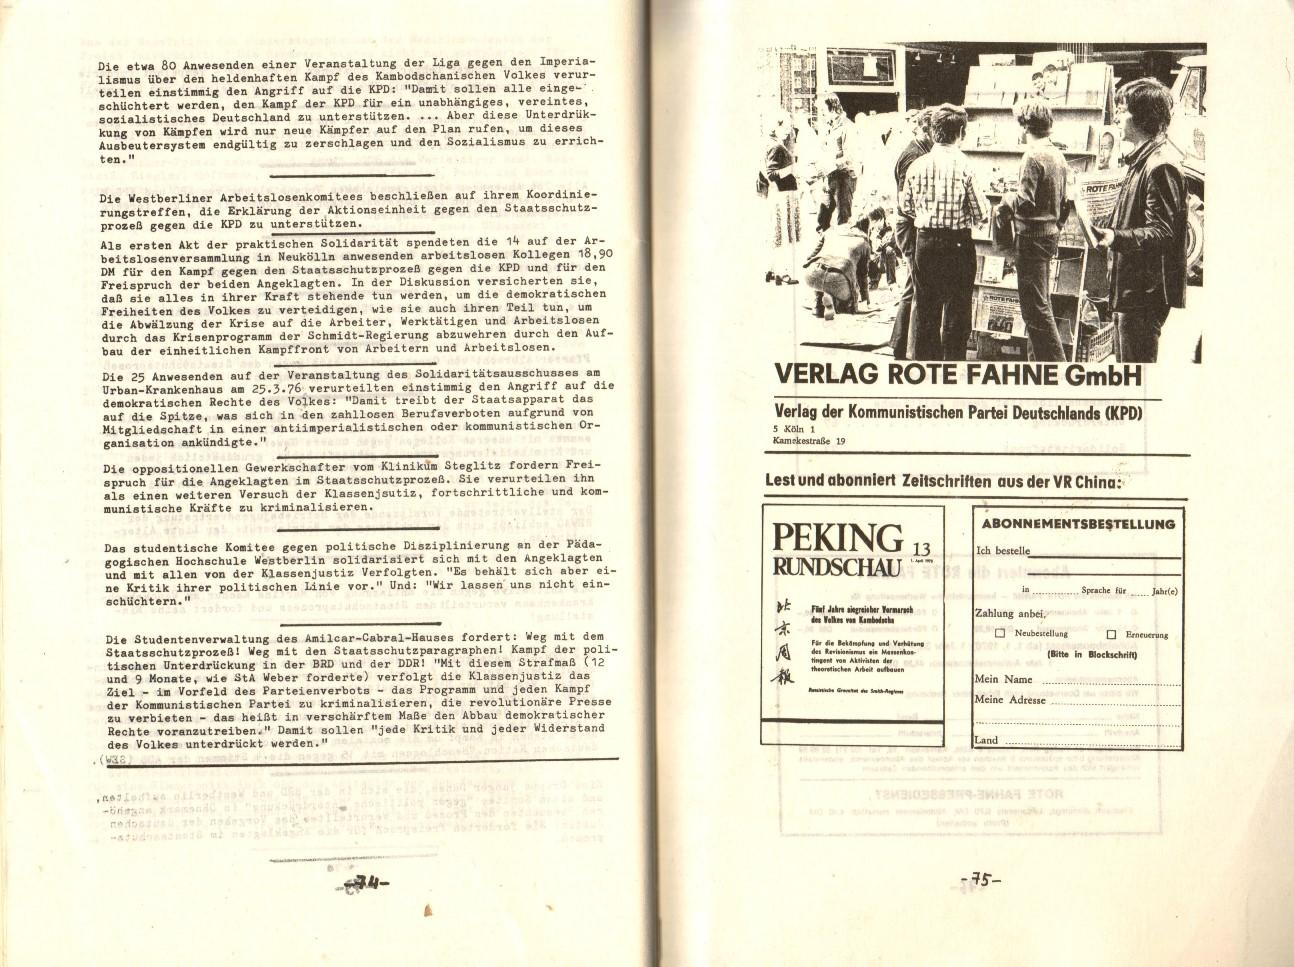 Berlin_KPD_1976_Staatsschutzprozess02_39